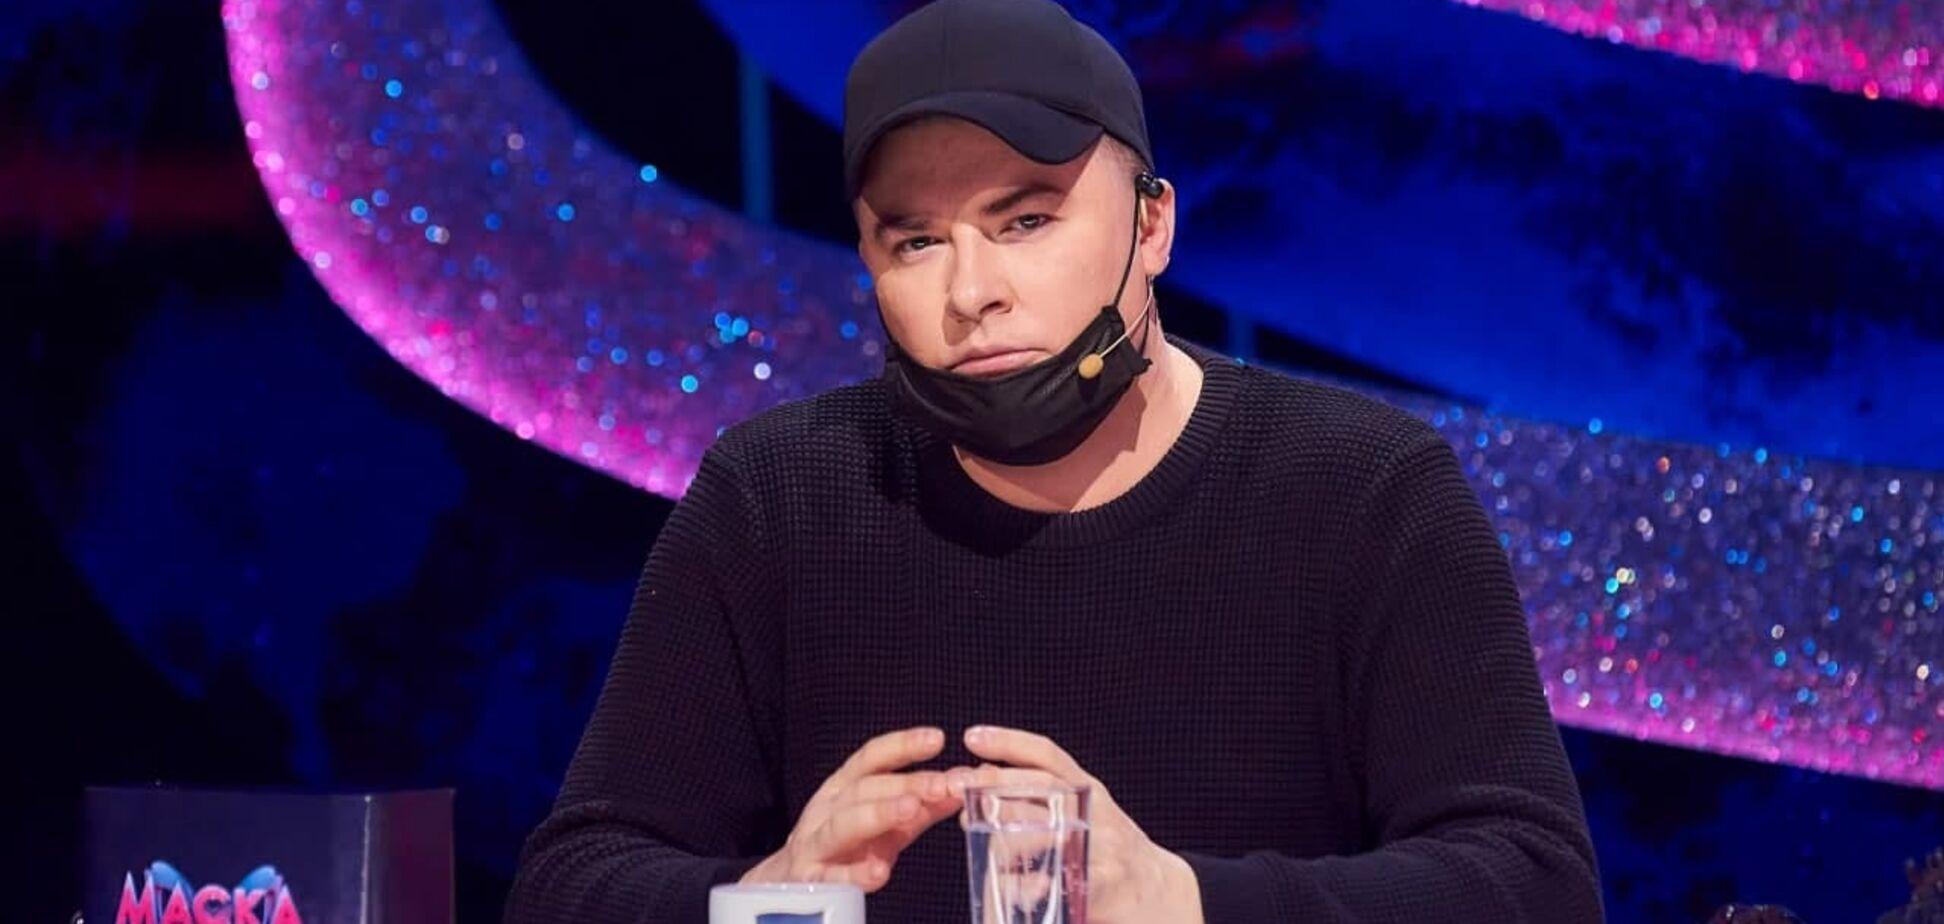 Андрій Данилко в студії шоу 'Маска'